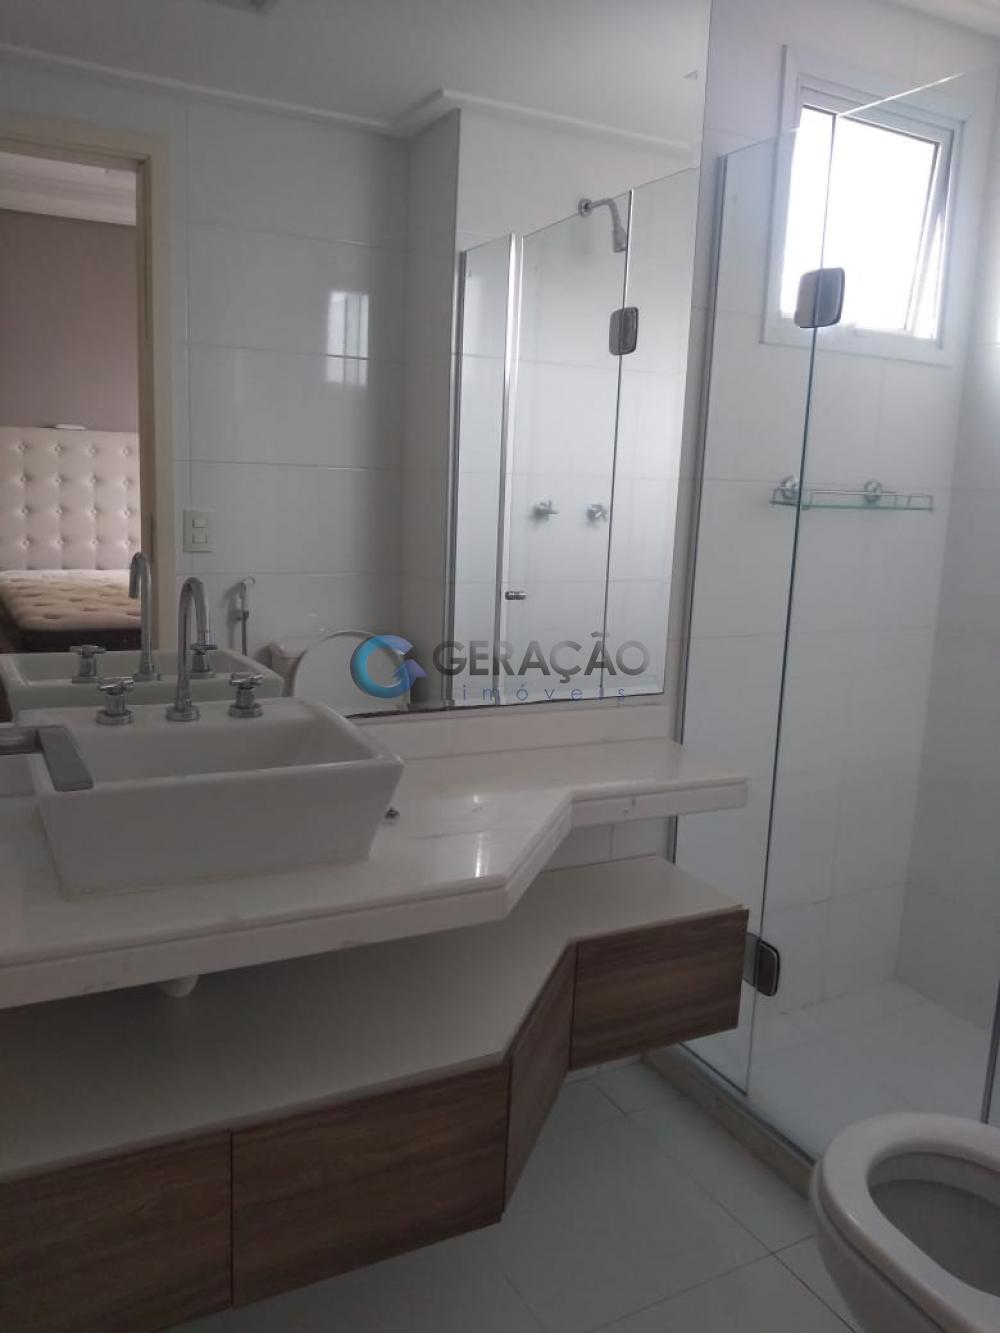 Alugar Apartamento / Padrão em São José dos Campos apenas R$ 2.500,00 - Foto 8